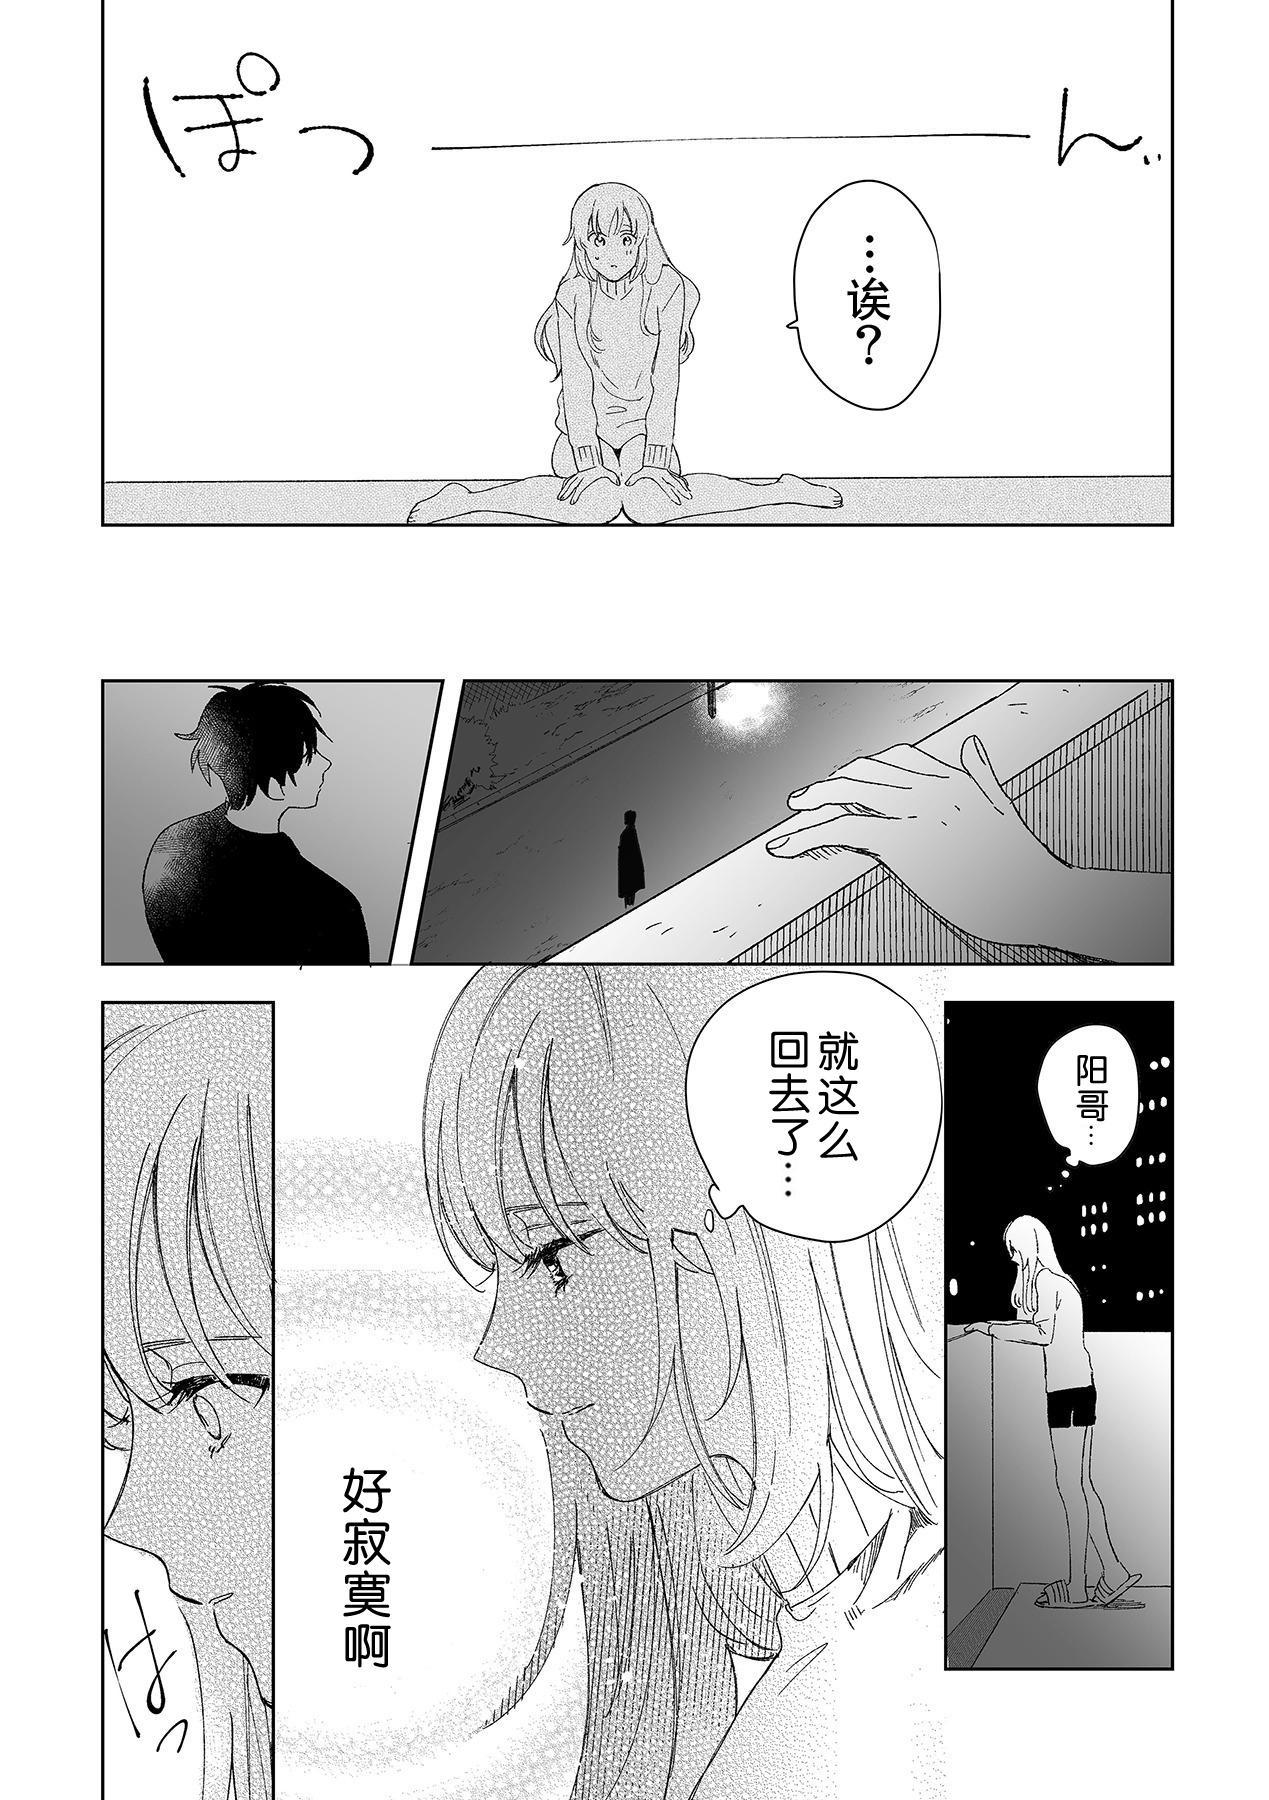 [Ryo] Osananajimi ja tarinai ~ seitai-shi no shigi wa yasashiku zuru i ~   无法满足于青梅竹马的关系~推拿师他的指技又厉害又狡猾~ Ch. 1-2 [Chinese] [莉赛特汉化组] 35